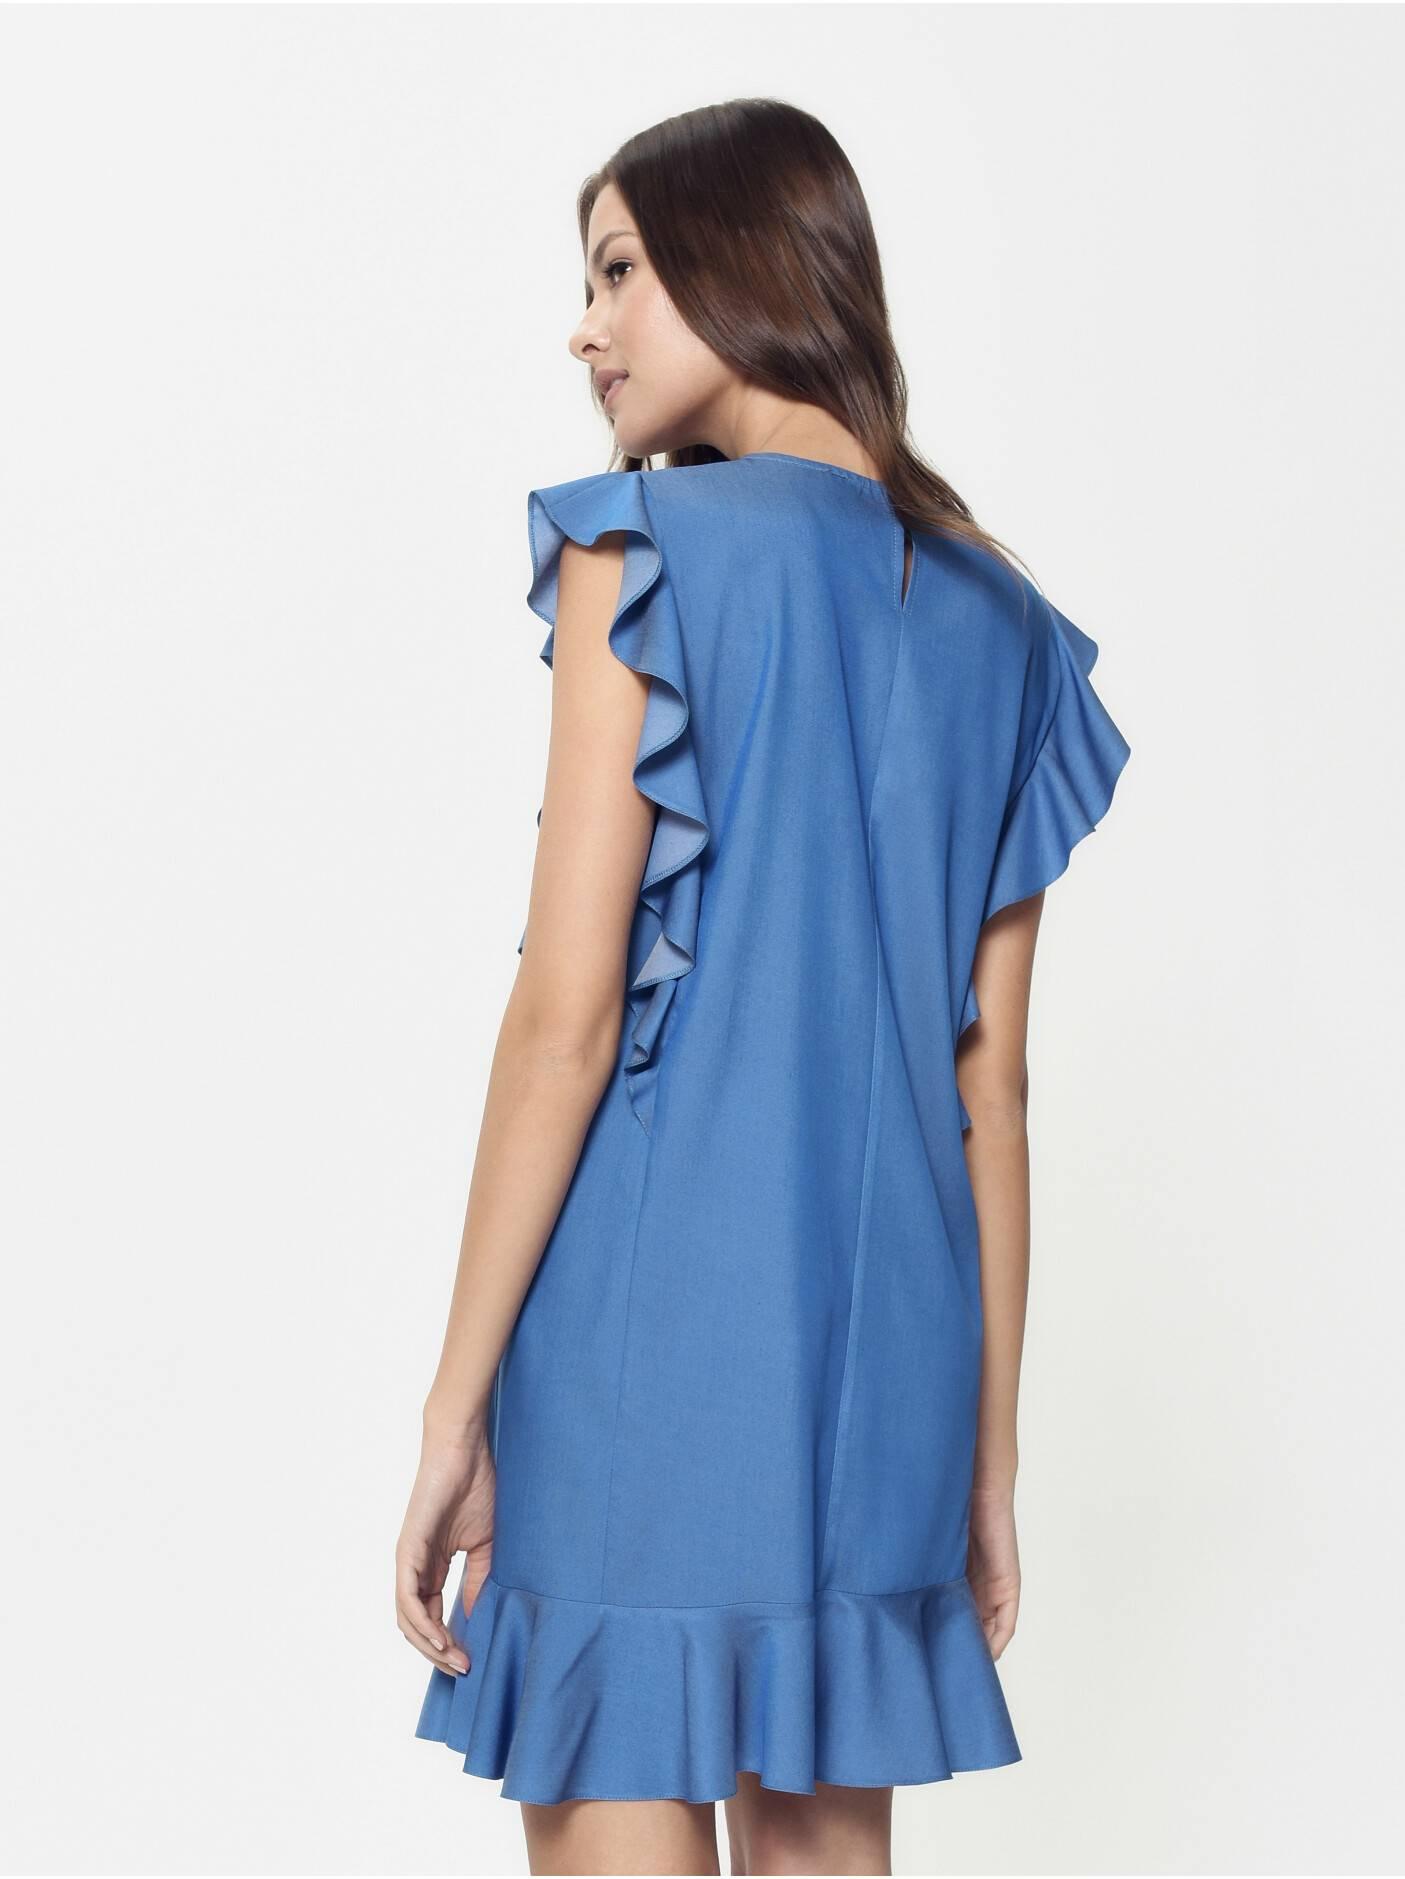 c0eb945609e ... платье женское джинсовое платье а-силуэта с воланами LPL 905  18С-656ТСП